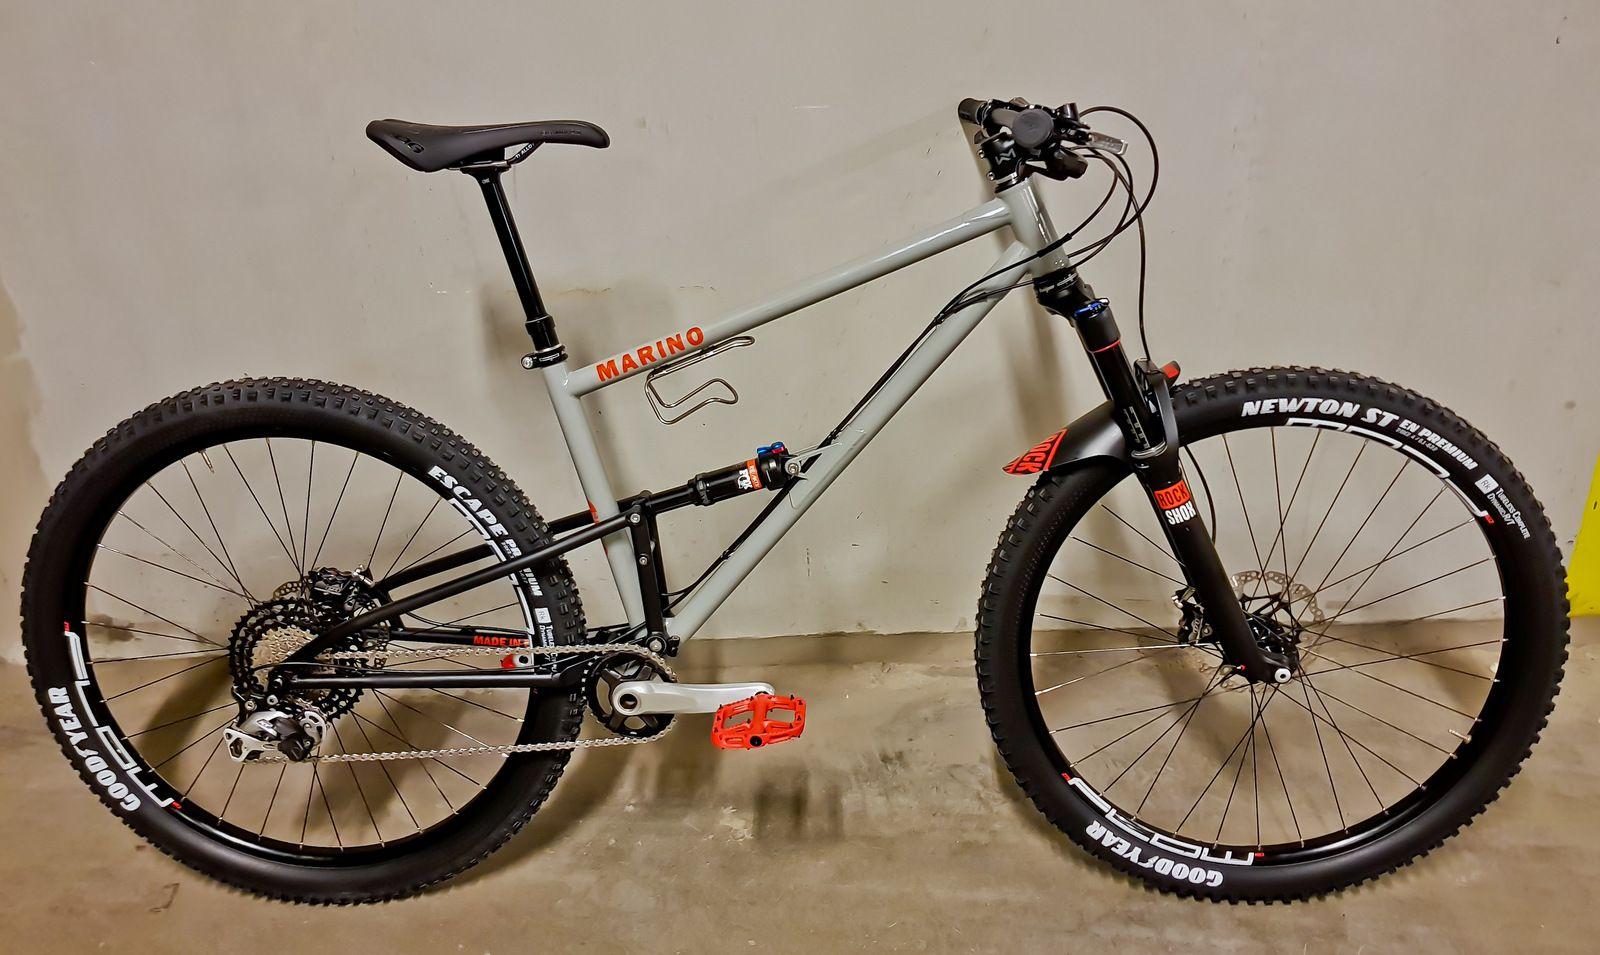 marino_bike.jpg